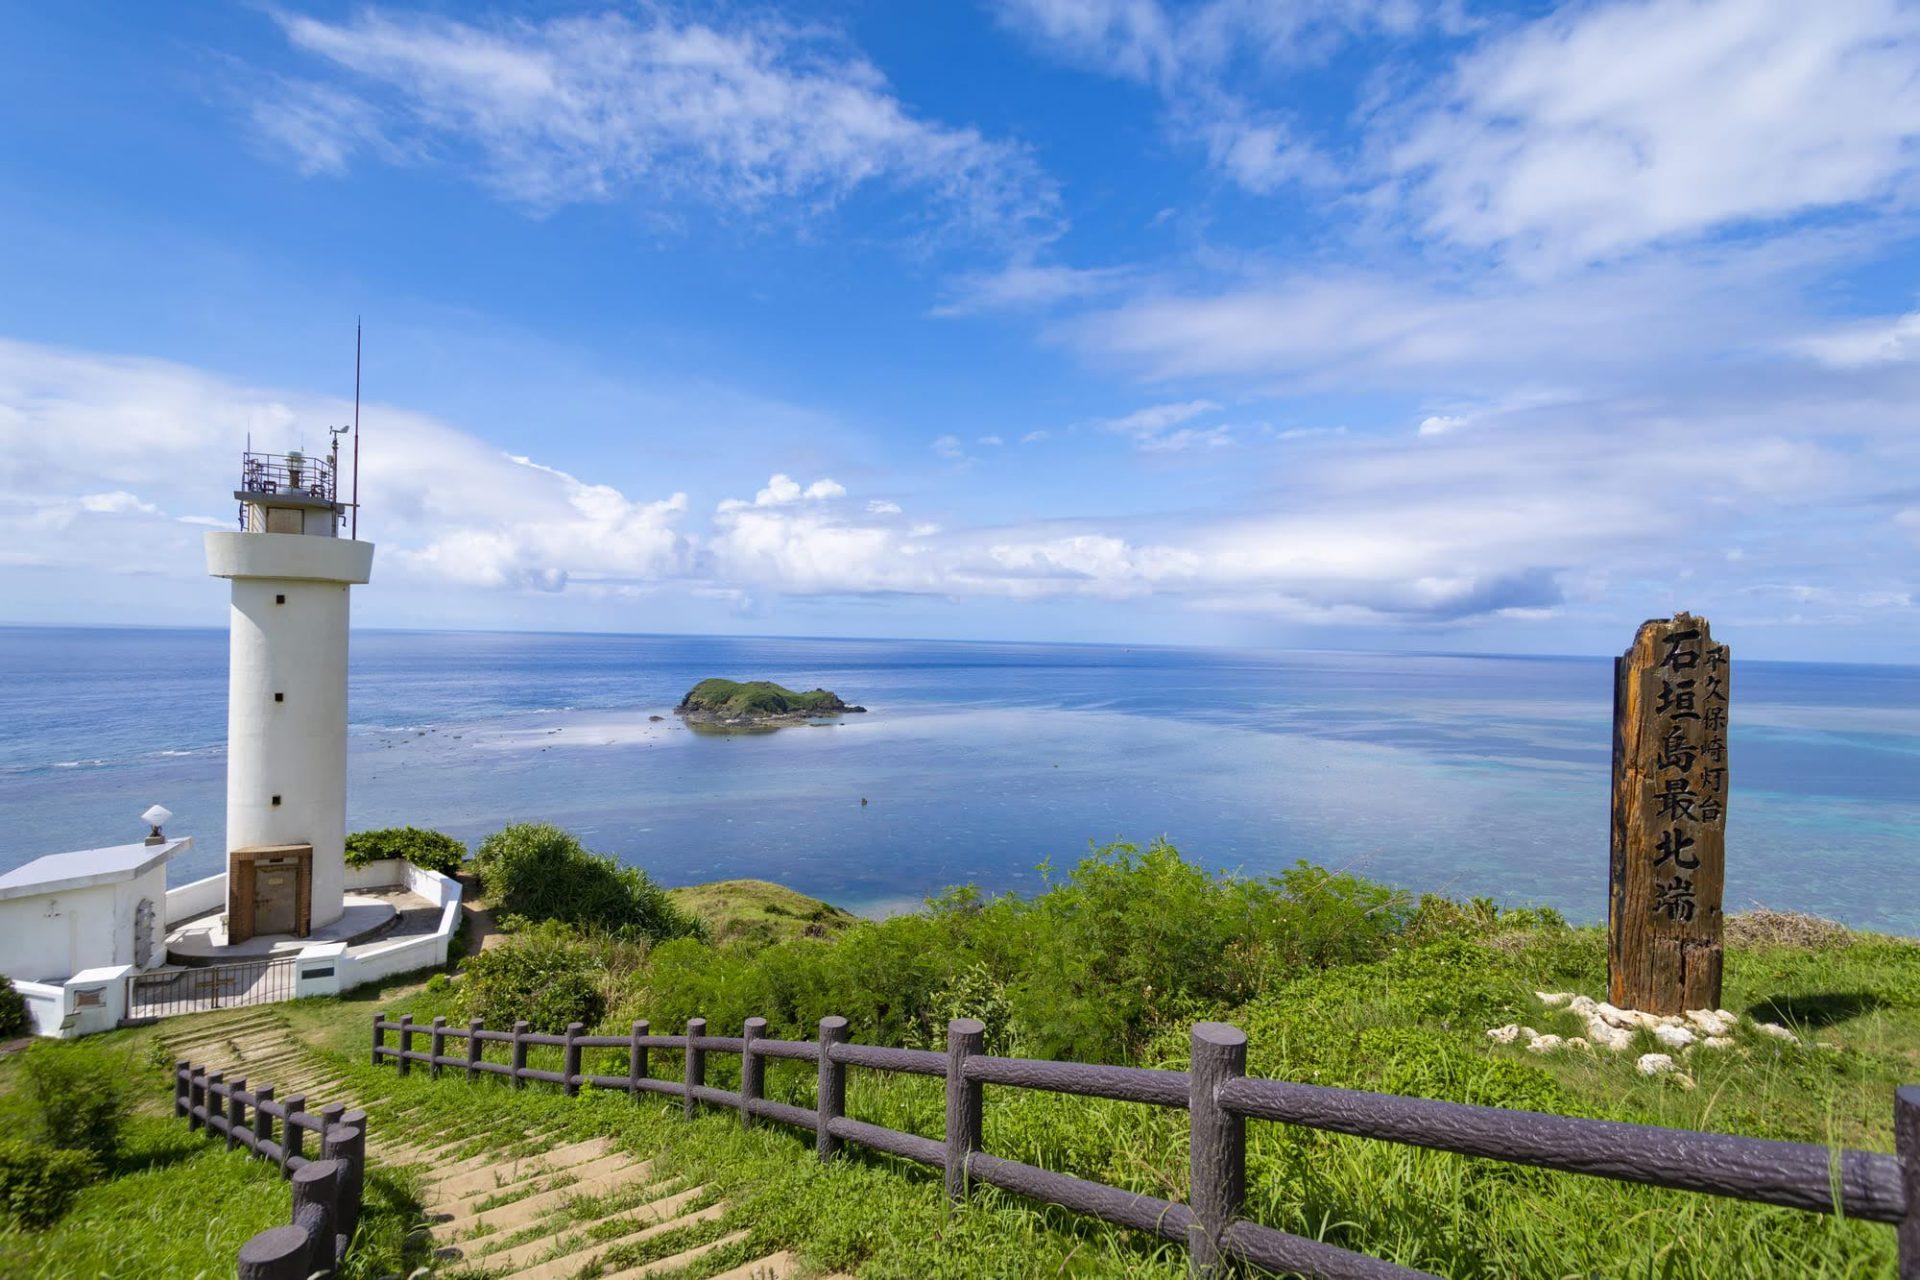 平久保崎灯台 石垣島 絶景 スポット 沖縄 離島 観光 旅行 景色 風景